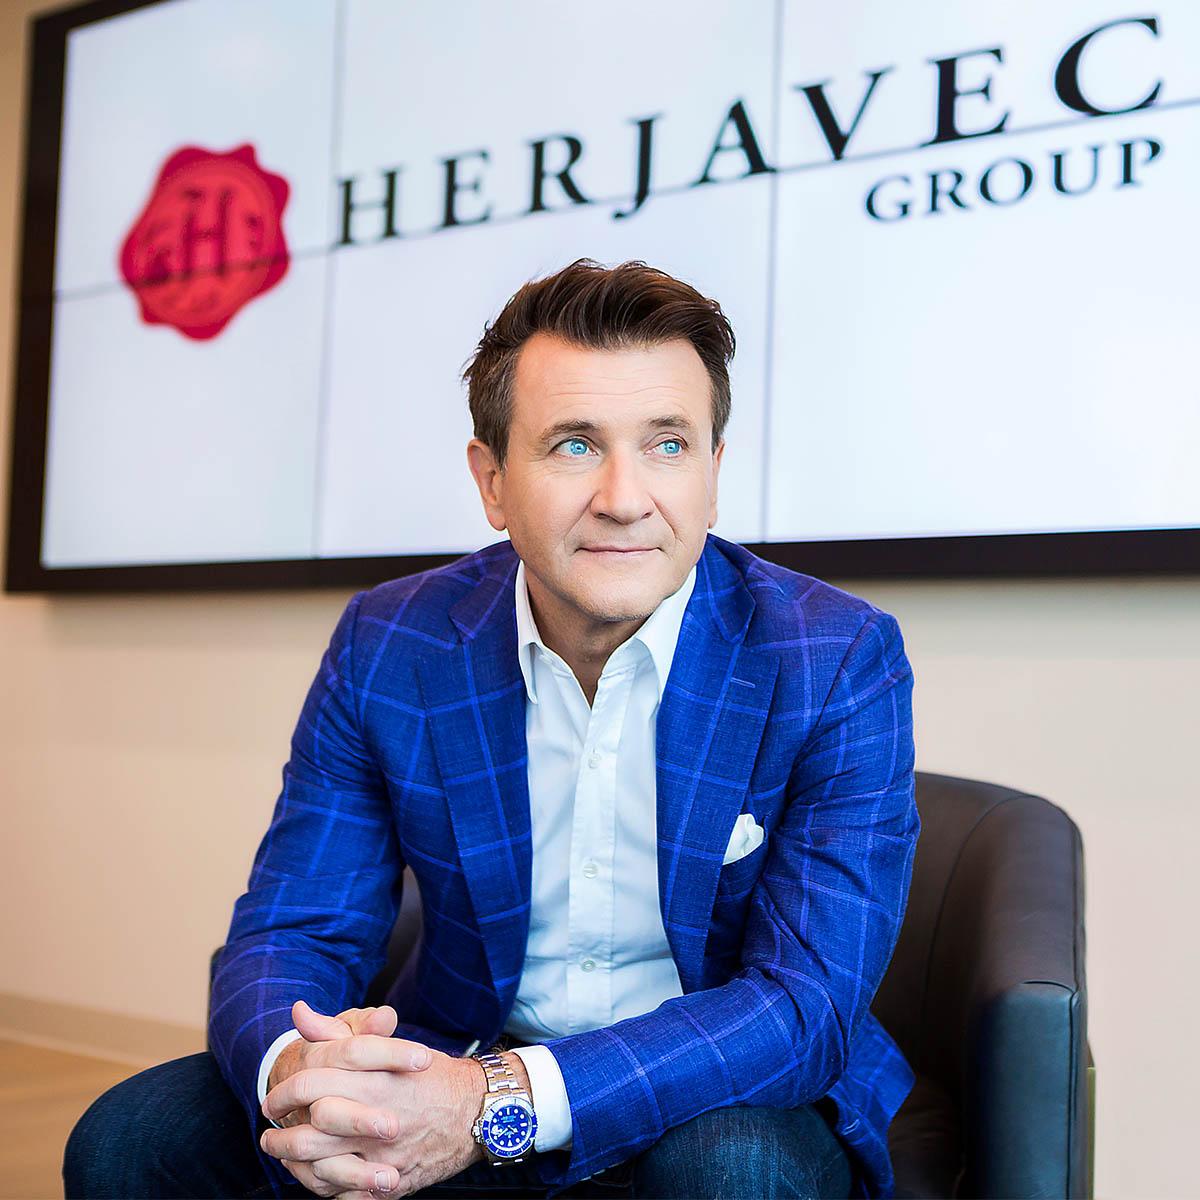 Robert Herjavec Herjavec Group